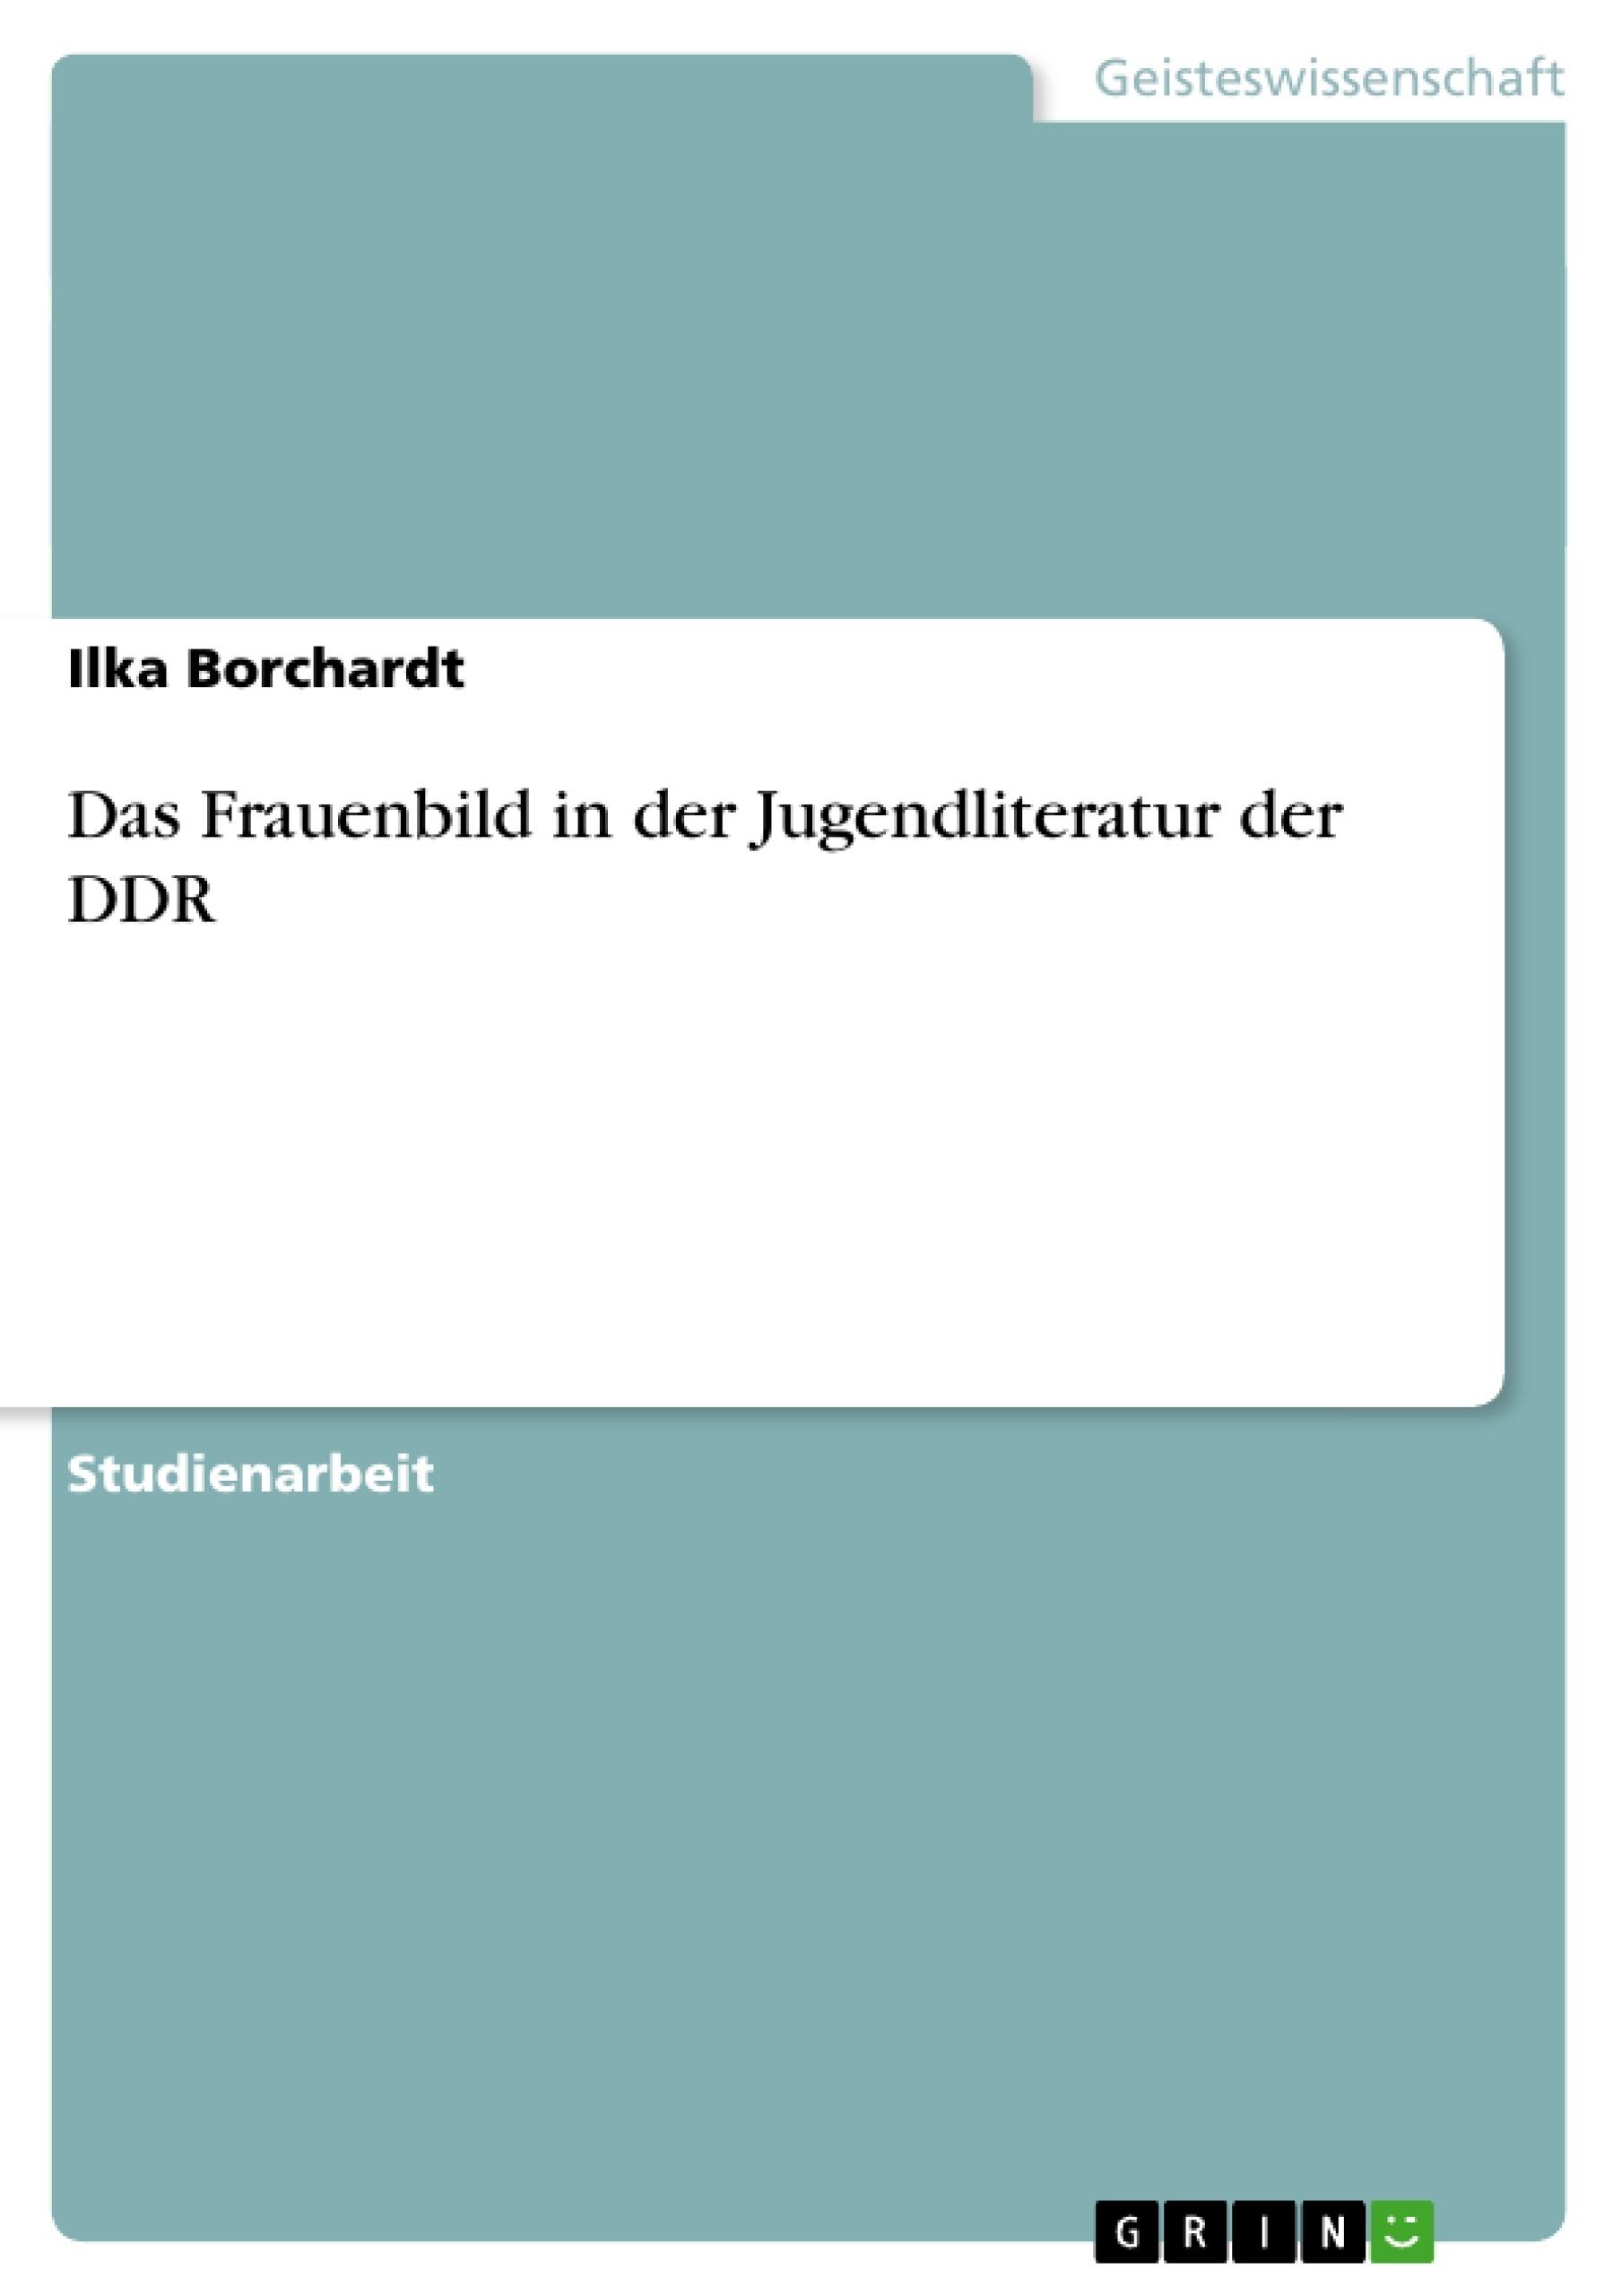 Titel: Das Frauenbild in der Jugendliteratur der DDR